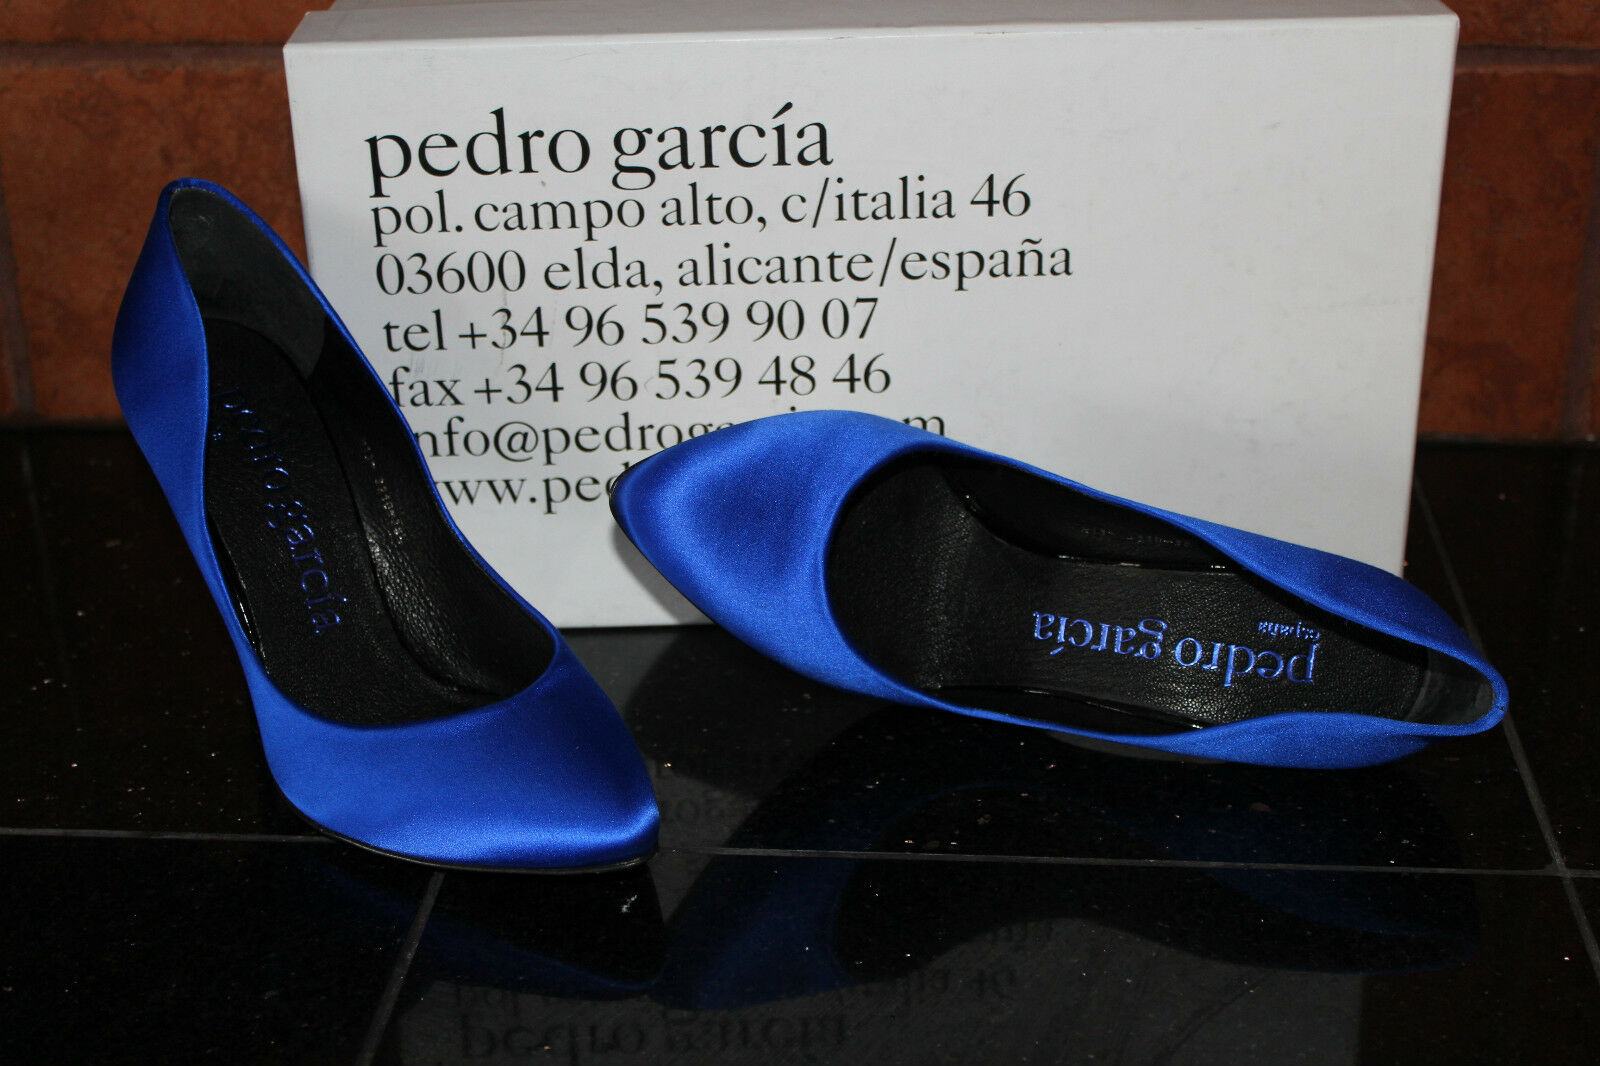 PEDRO GARCIA COBAL ROSETTE COBAL GARCIA SATIN #8.5us $460 0b41c5